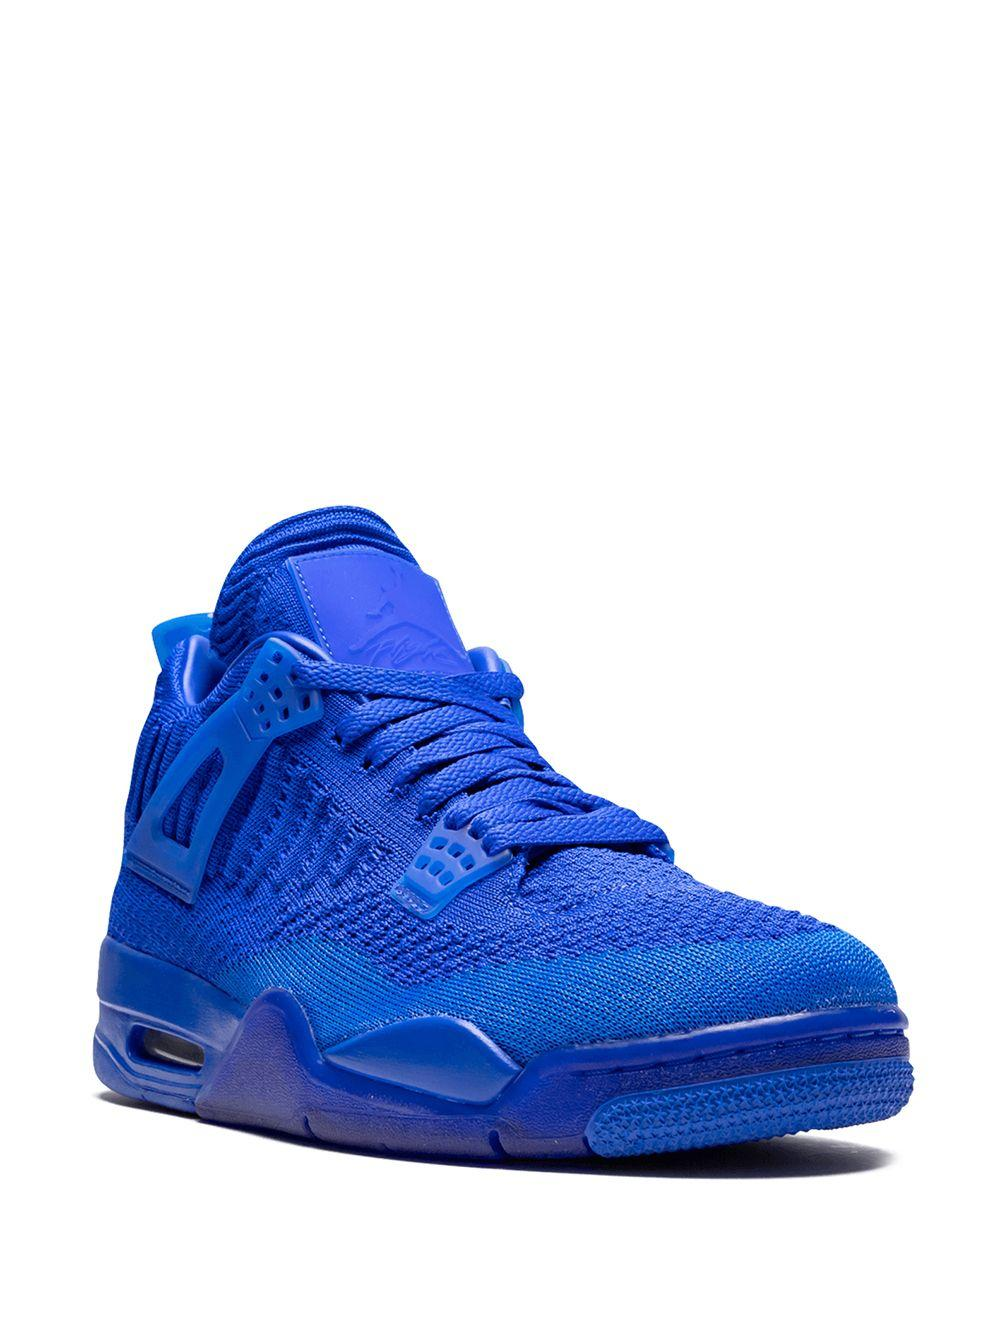 Nike Air 4 Retro Fk Sneakers in het Blauw voor heren